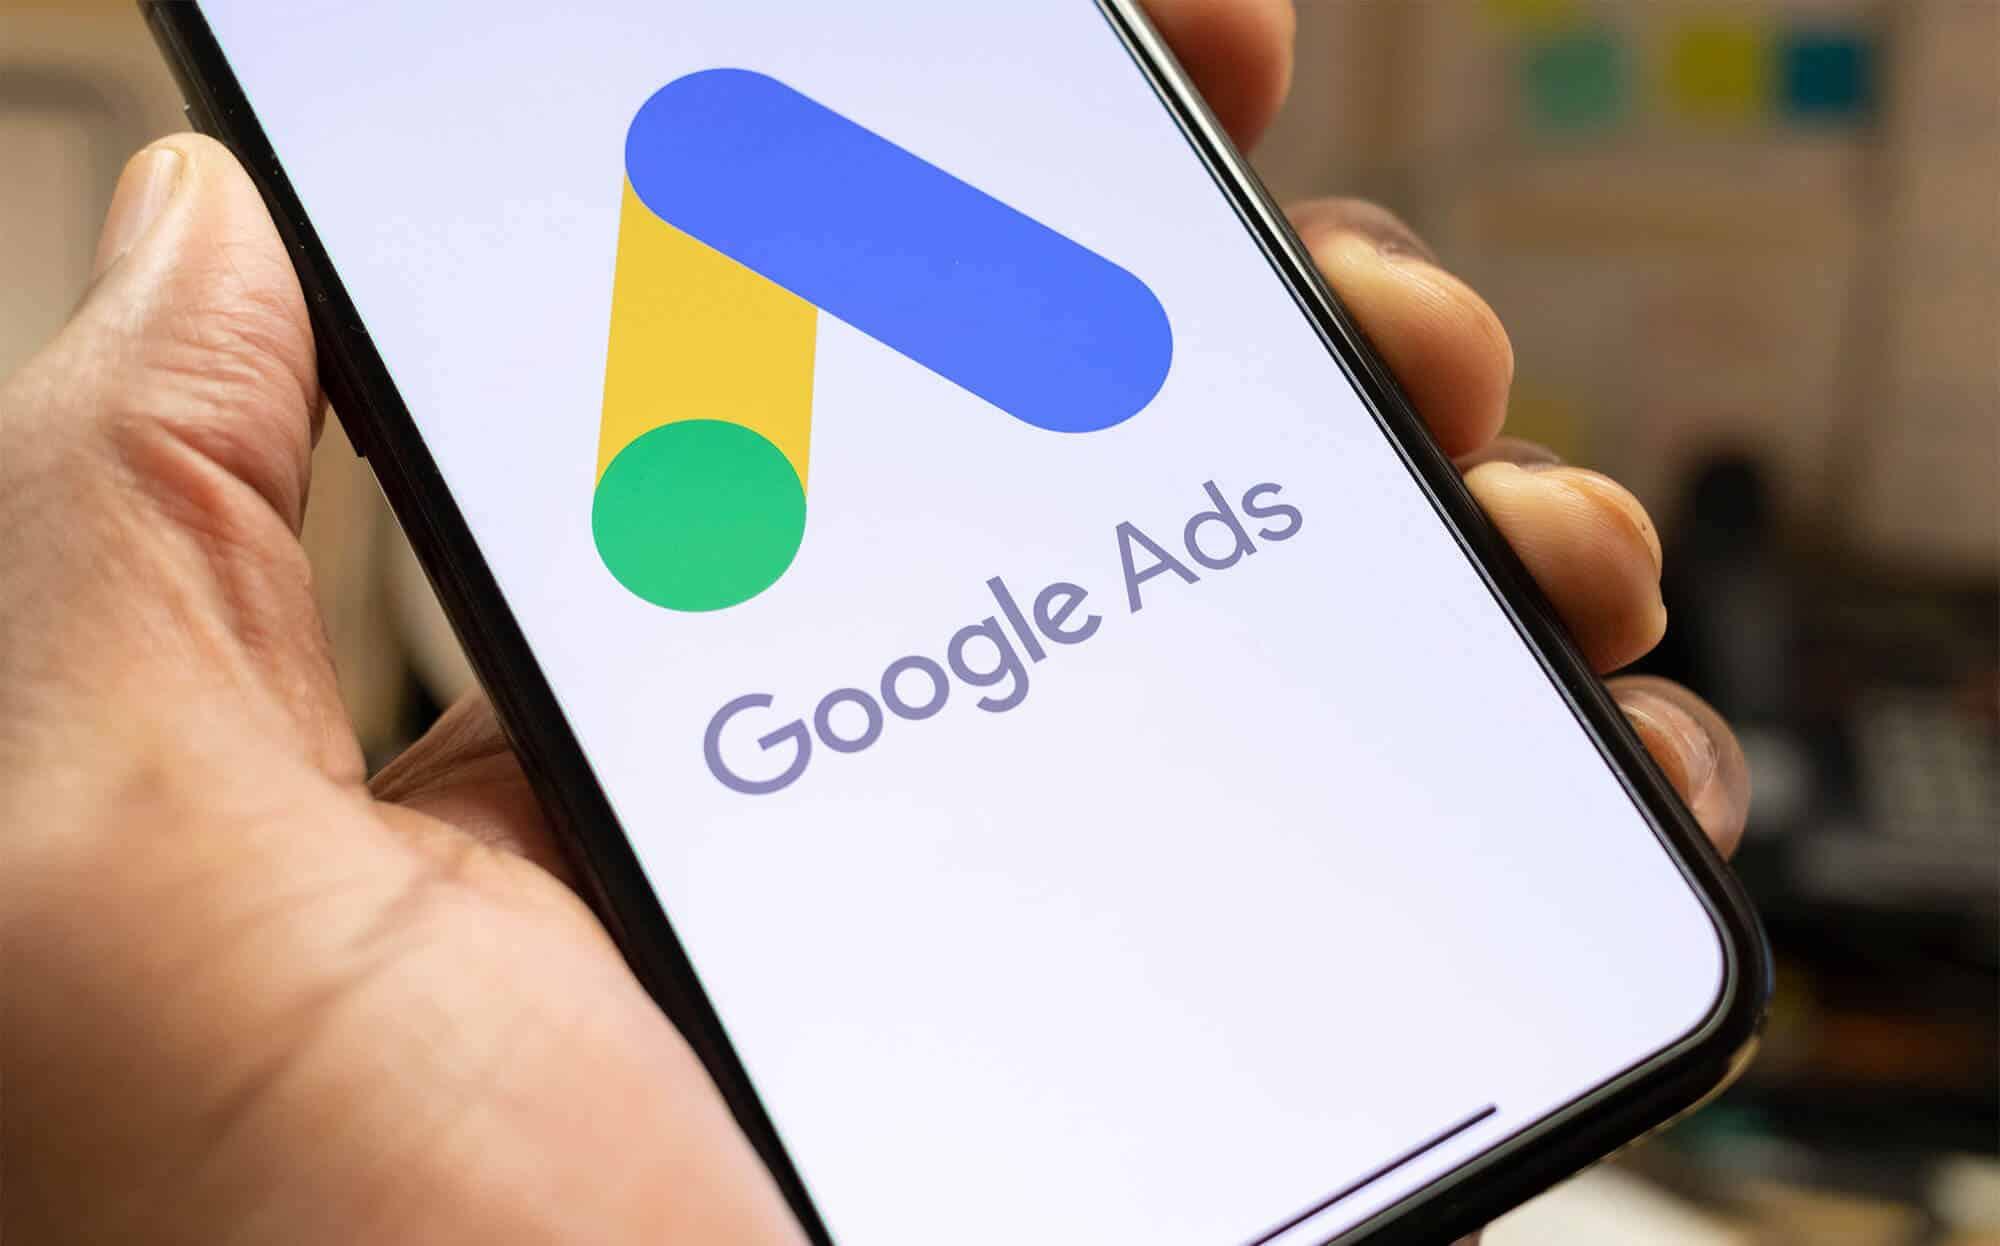 Google börjar att ta ut nya avgifter för Google Ads annonser i 3 länder